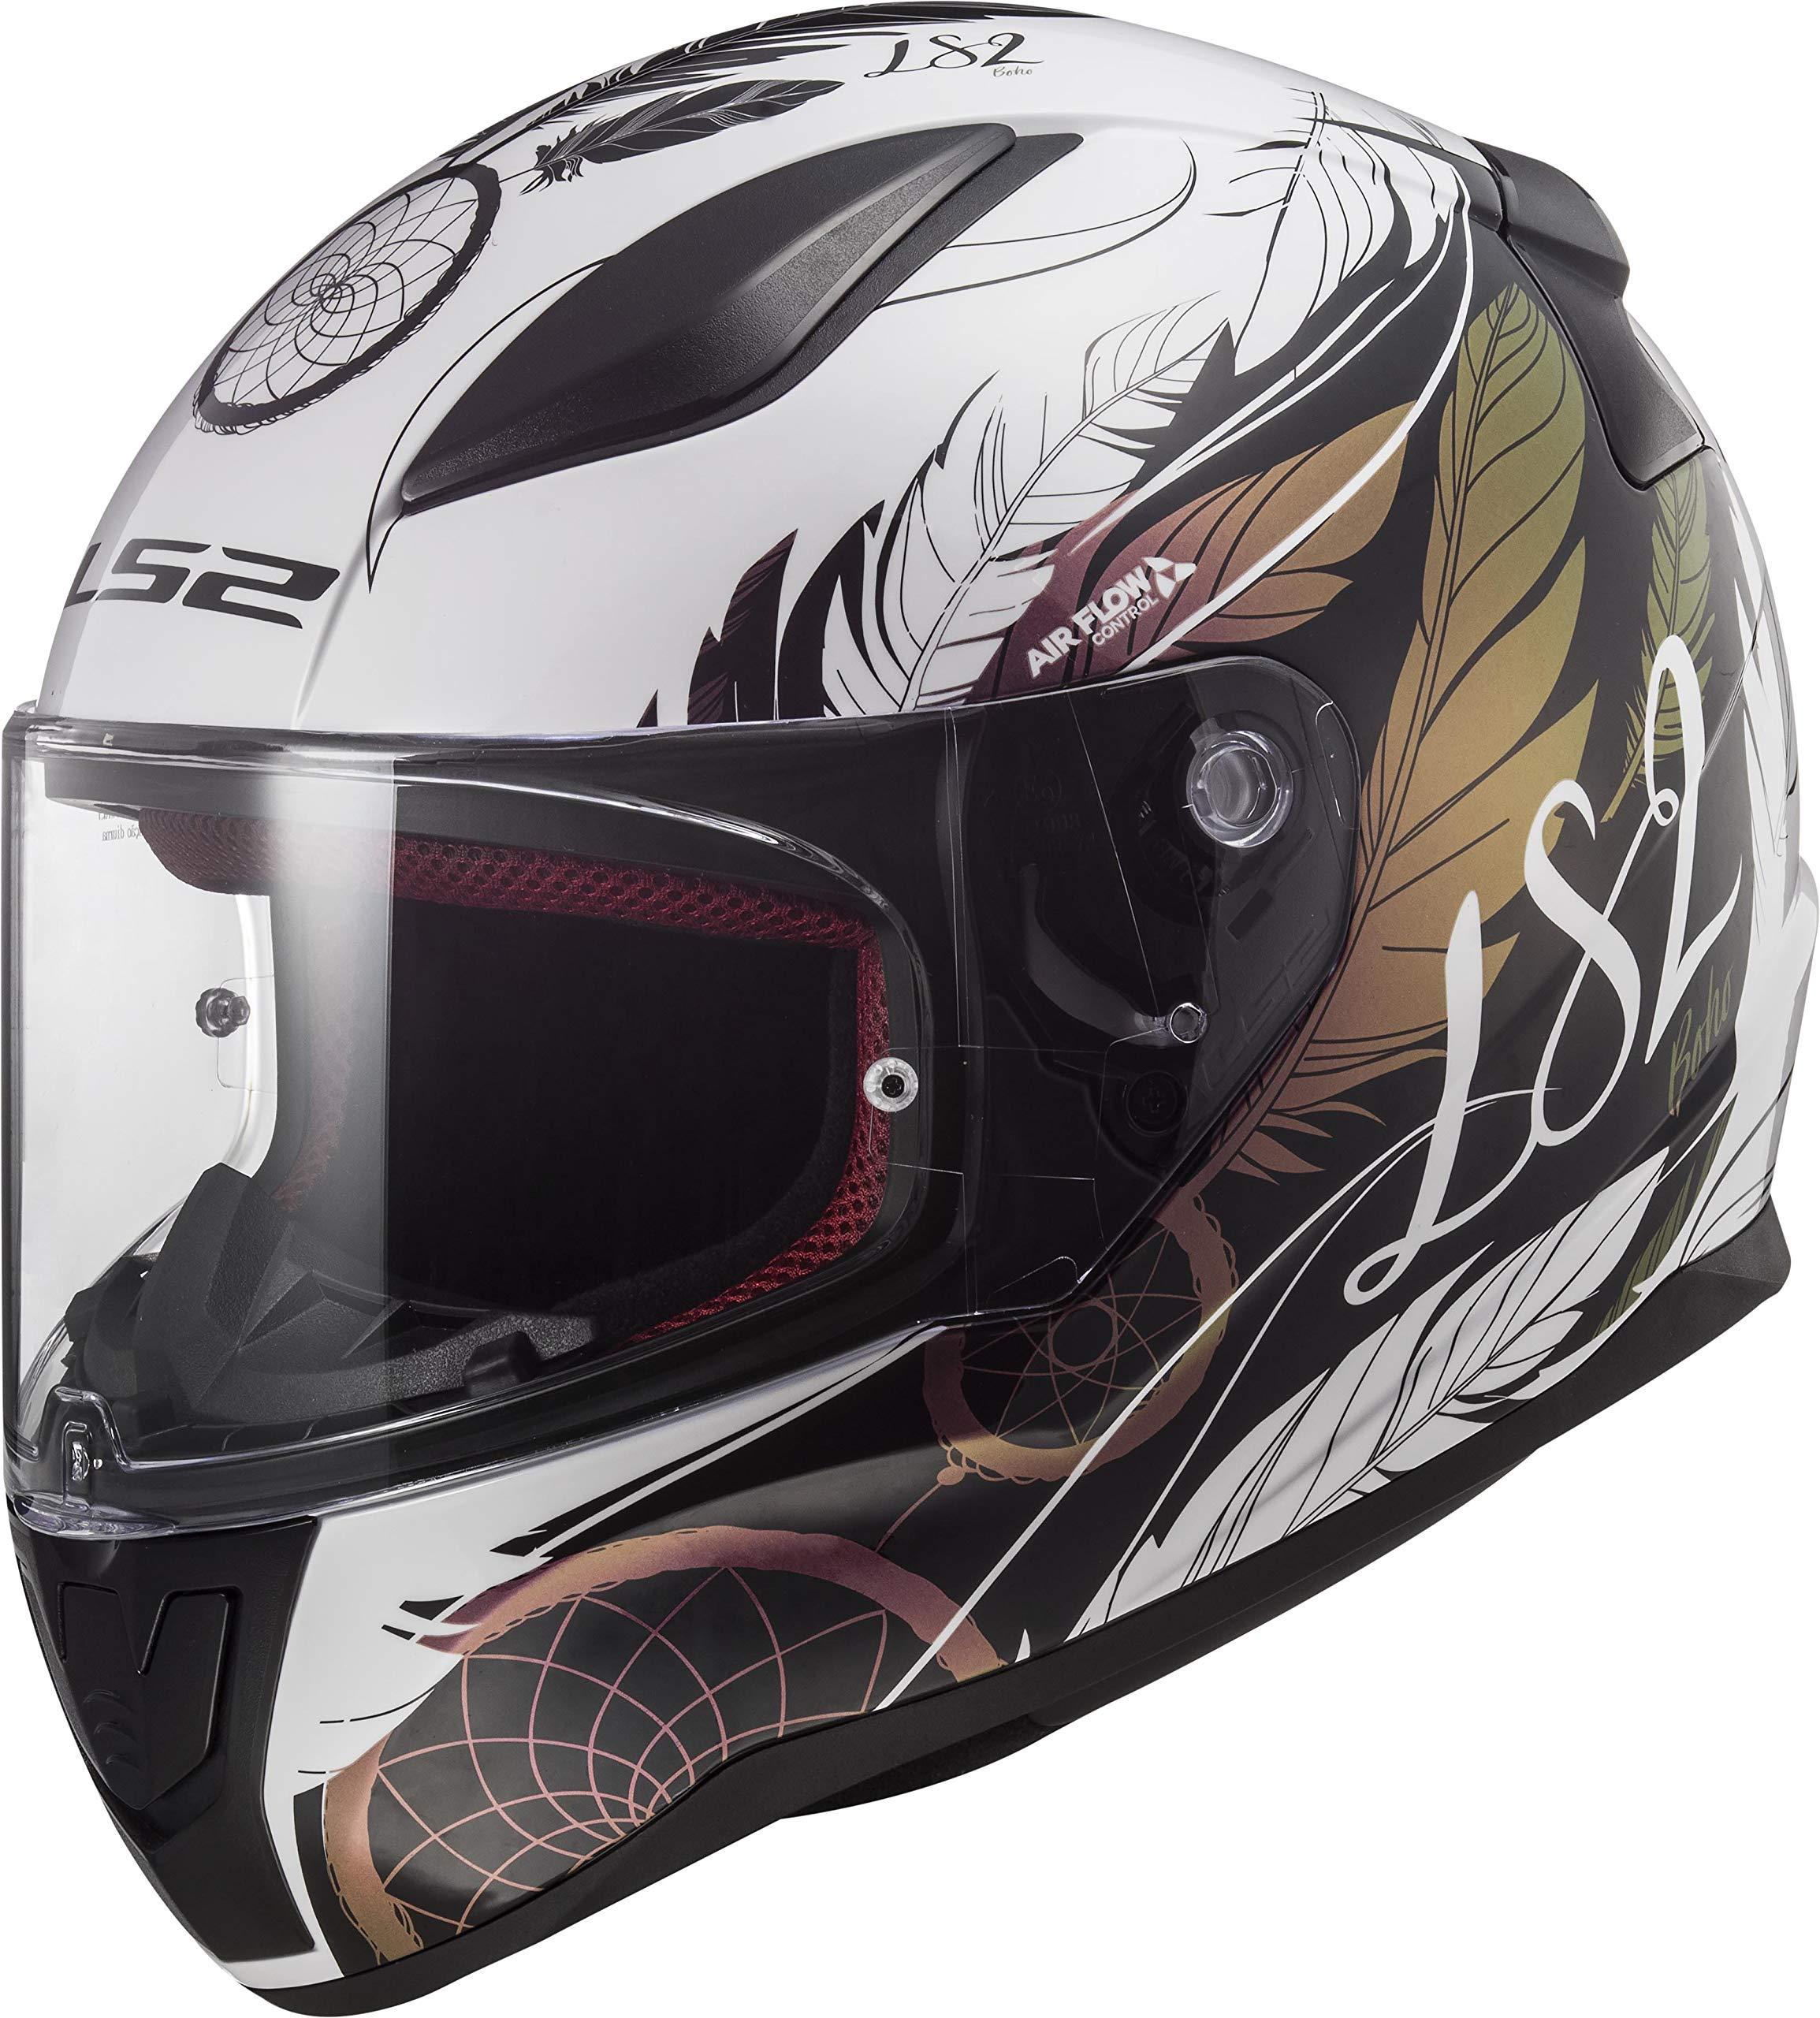 LS2 Helmets Unisex Adult Helmet Catcher